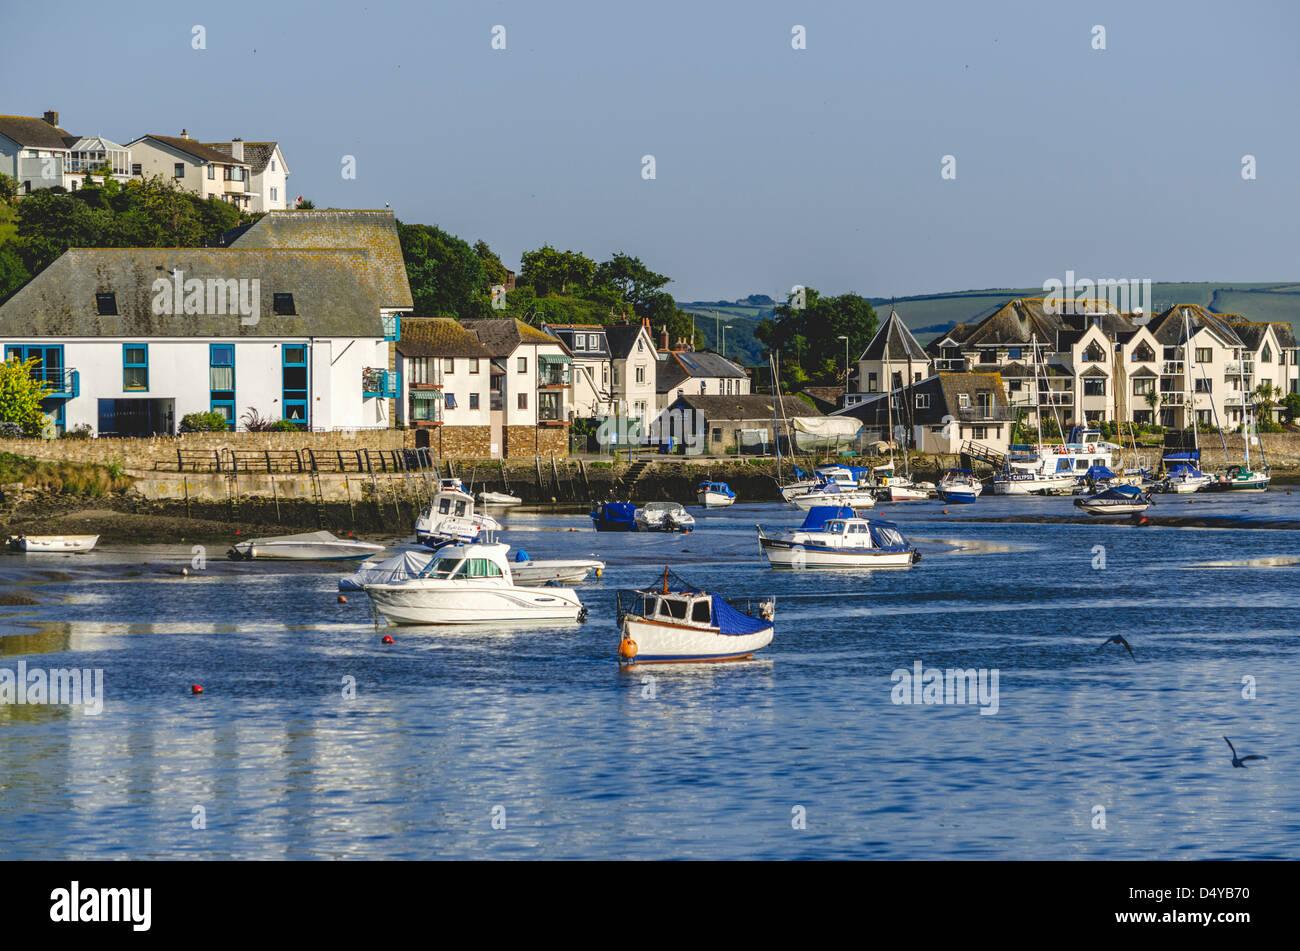 town-quay-the-kingsbridge-estuary-kingsbridge-town-devon-england-uk